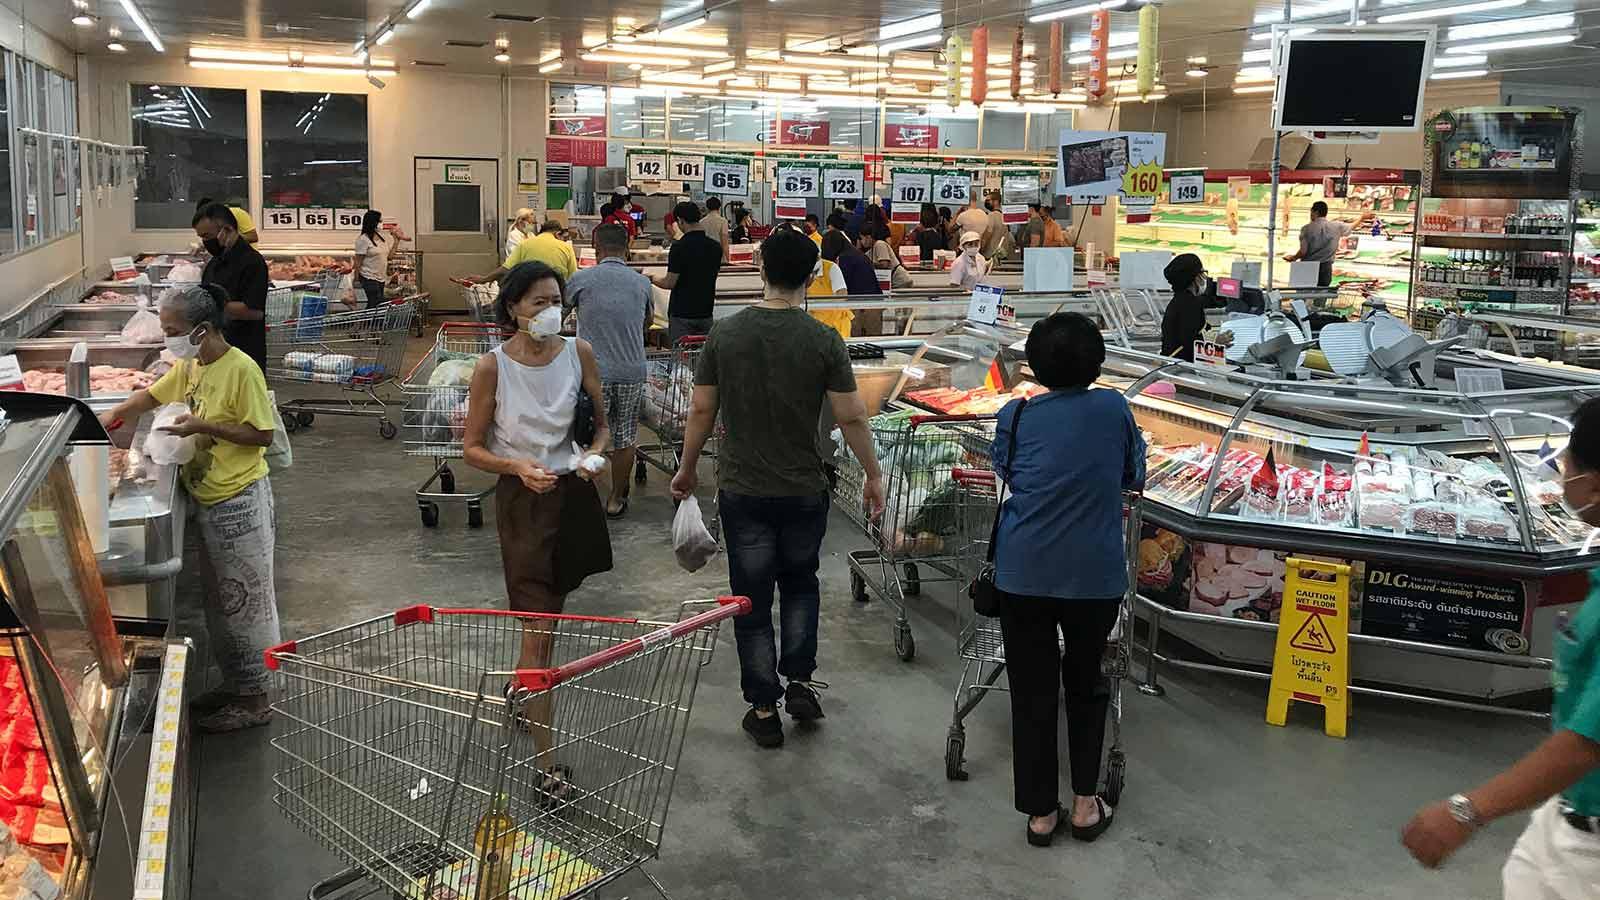 泰国总理要求新闻媒体客观报道新冠肺炎疫情 不要造成民众恐慌图片